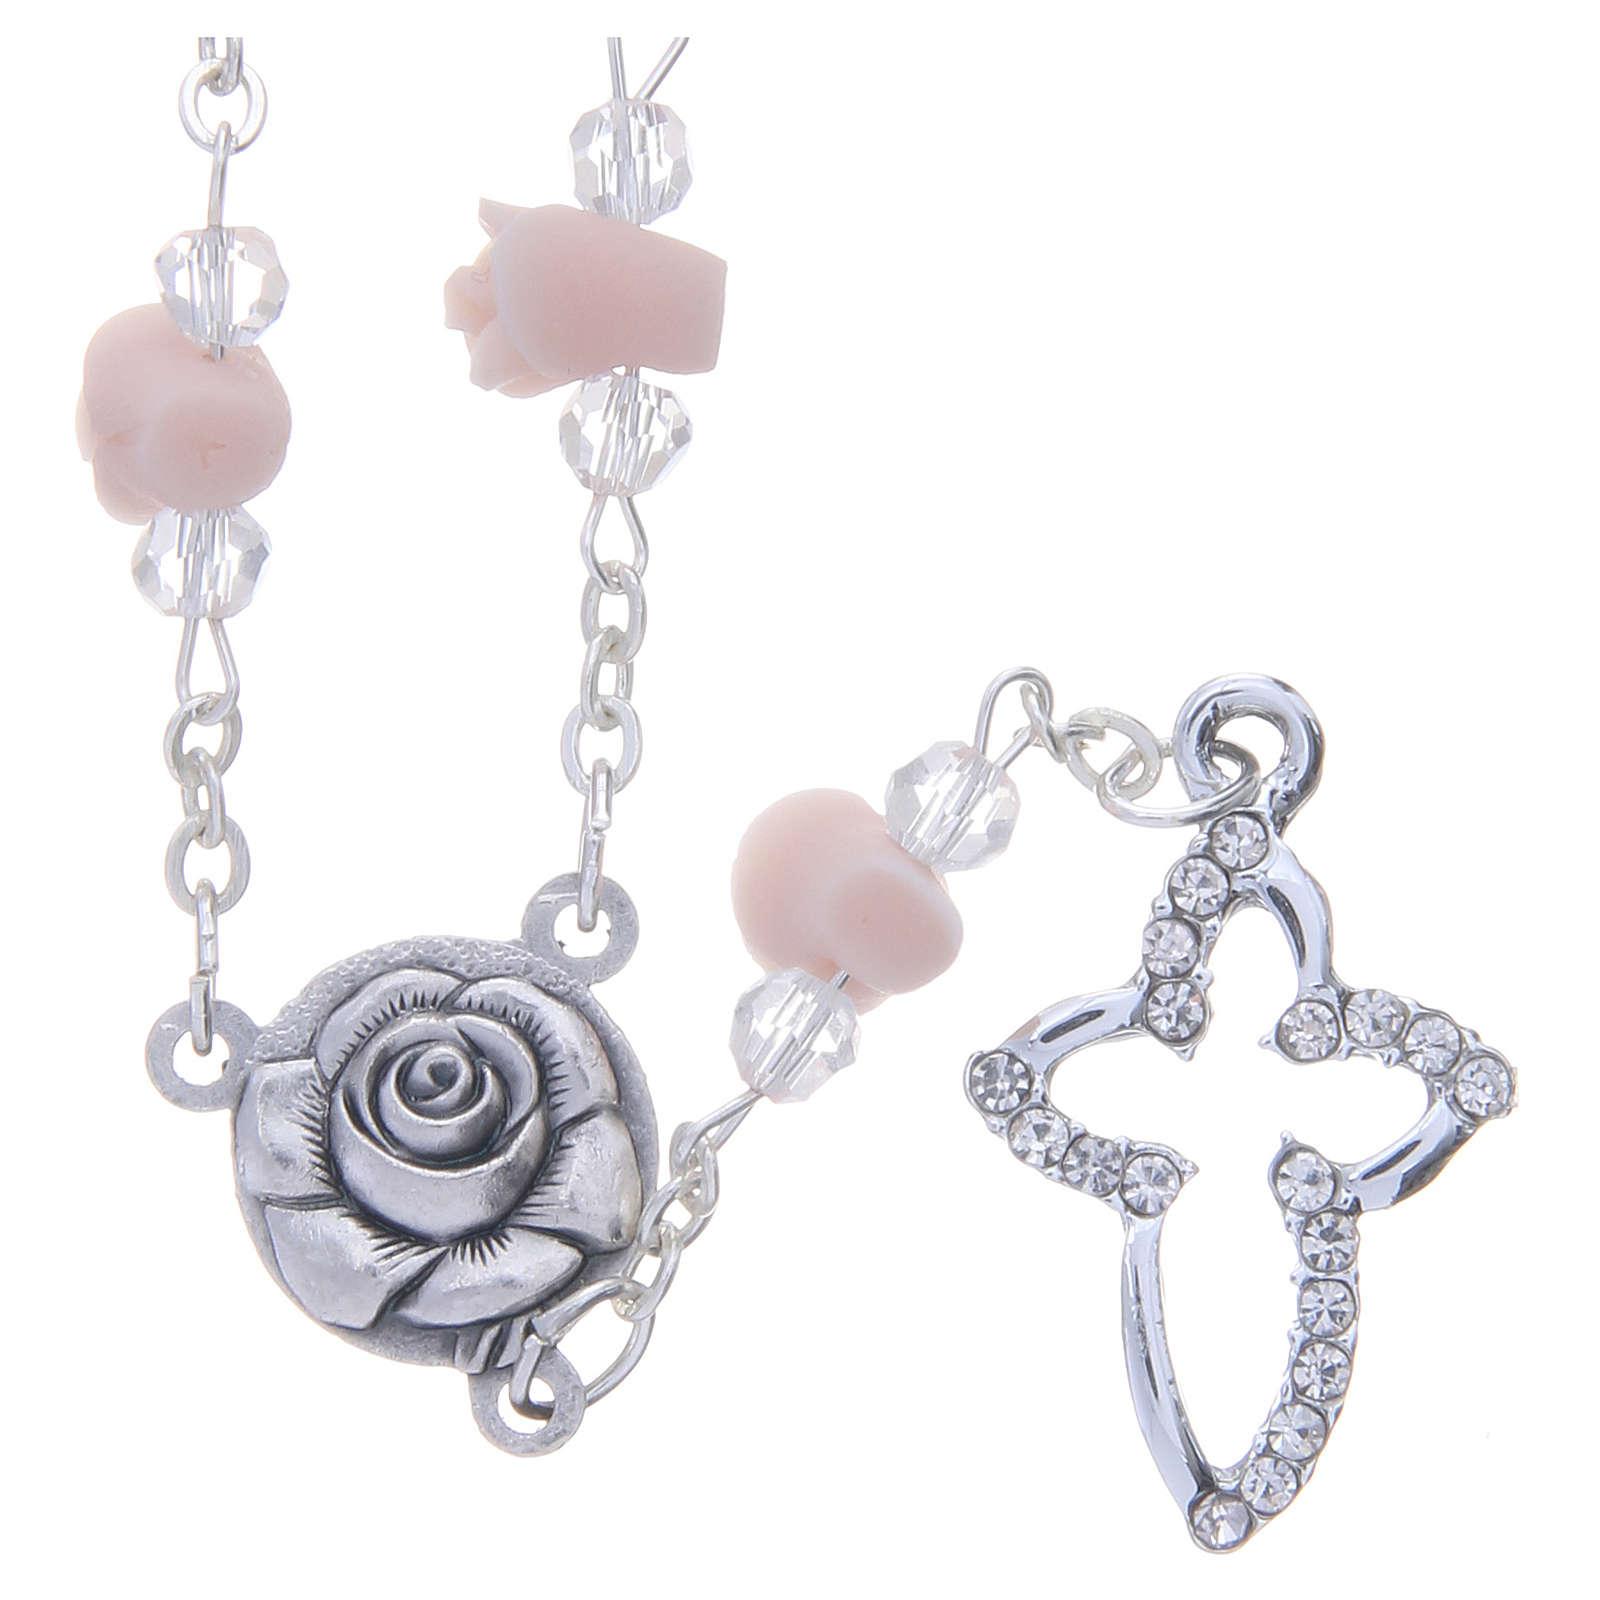 Collier chapelet Medjugorje grains véritable cristal roses céramique 4